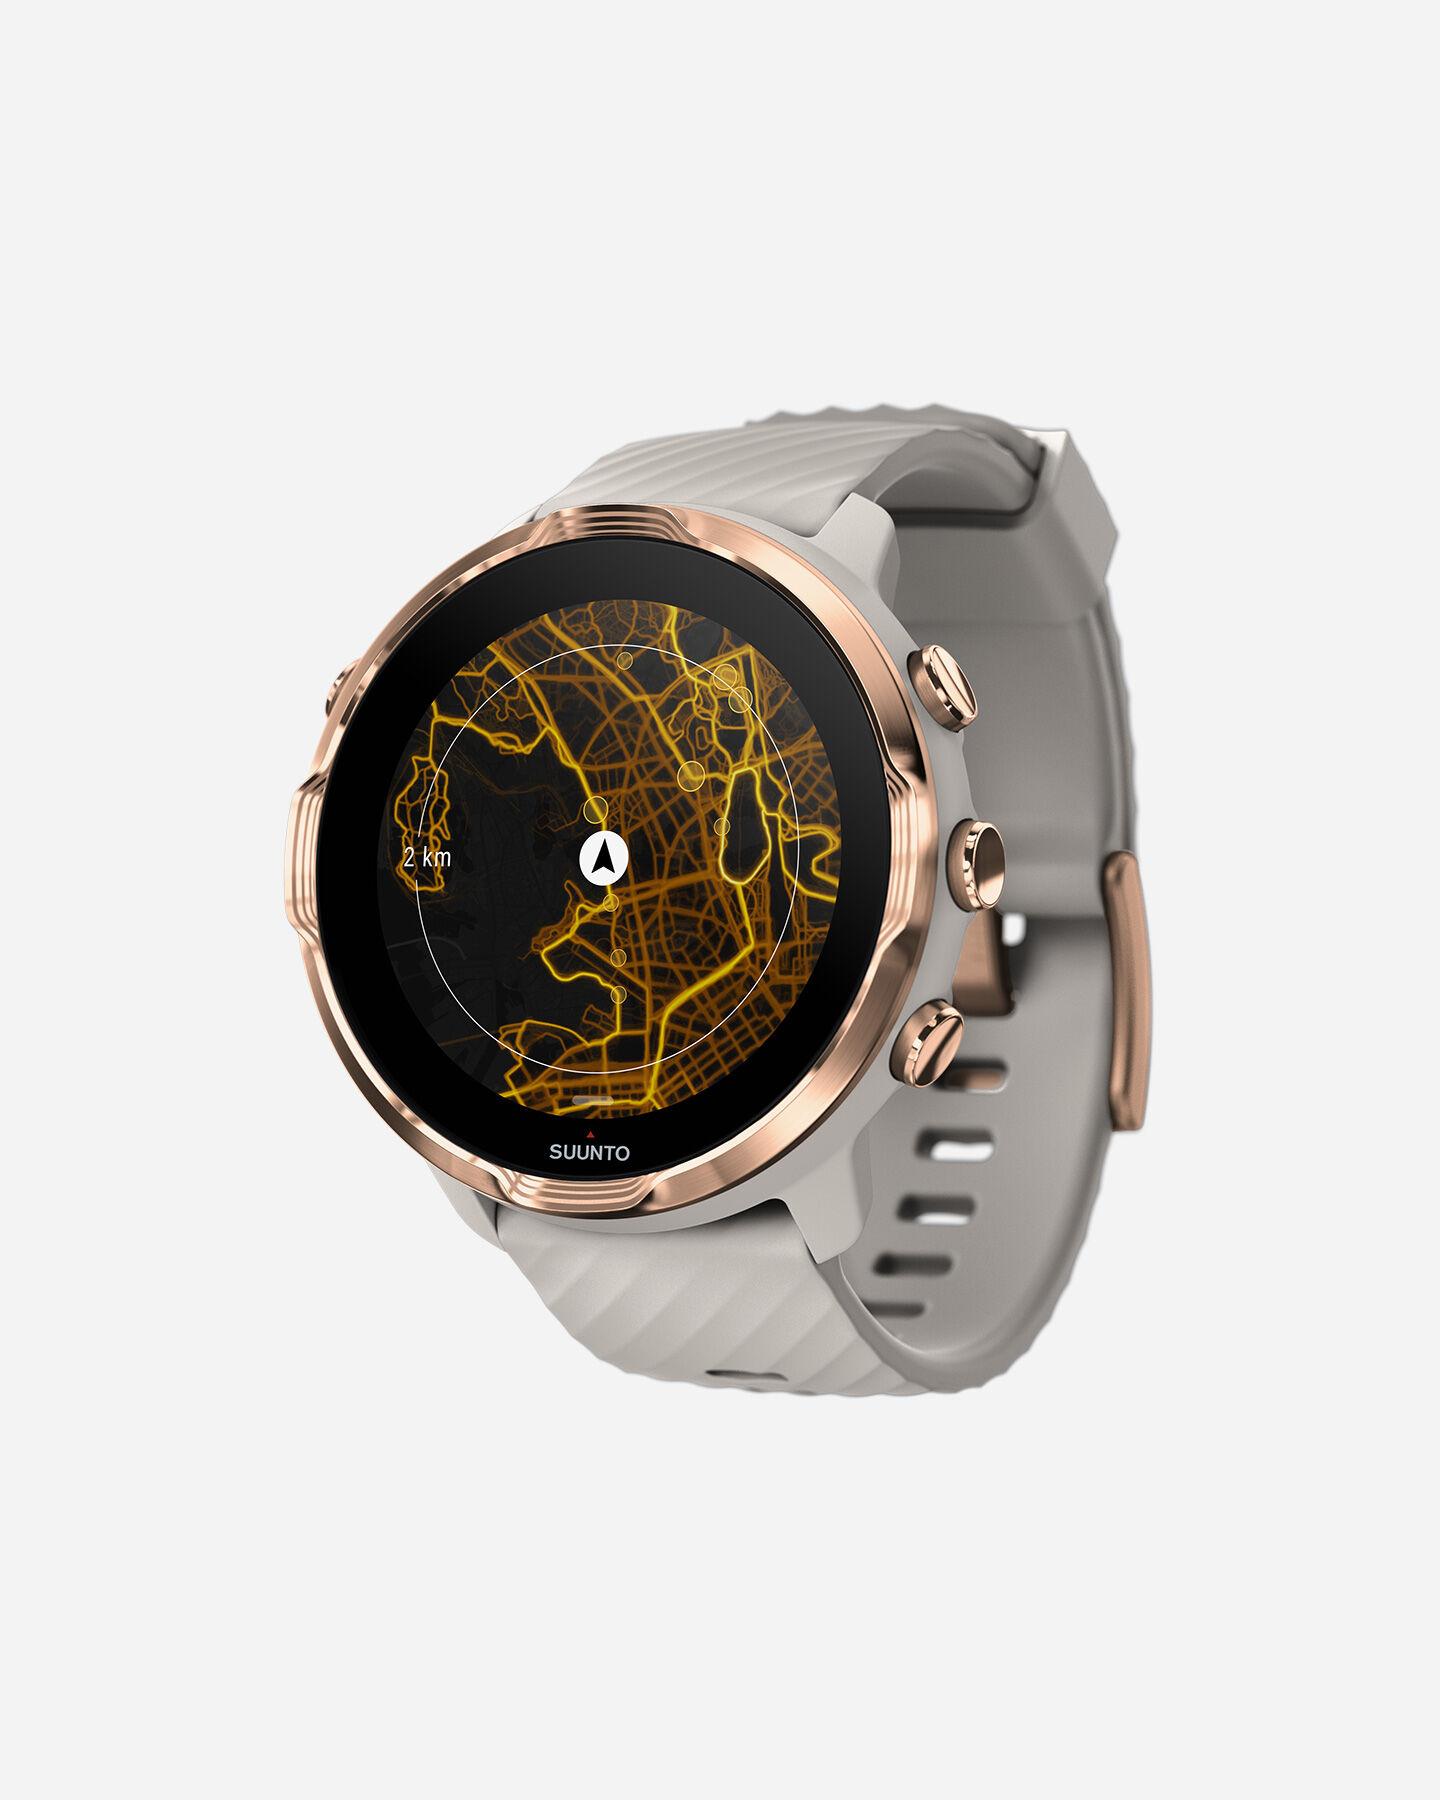 Orologio multifunzione SUUNTO SUUNTO 7 S4089392|1|OS scatto 4